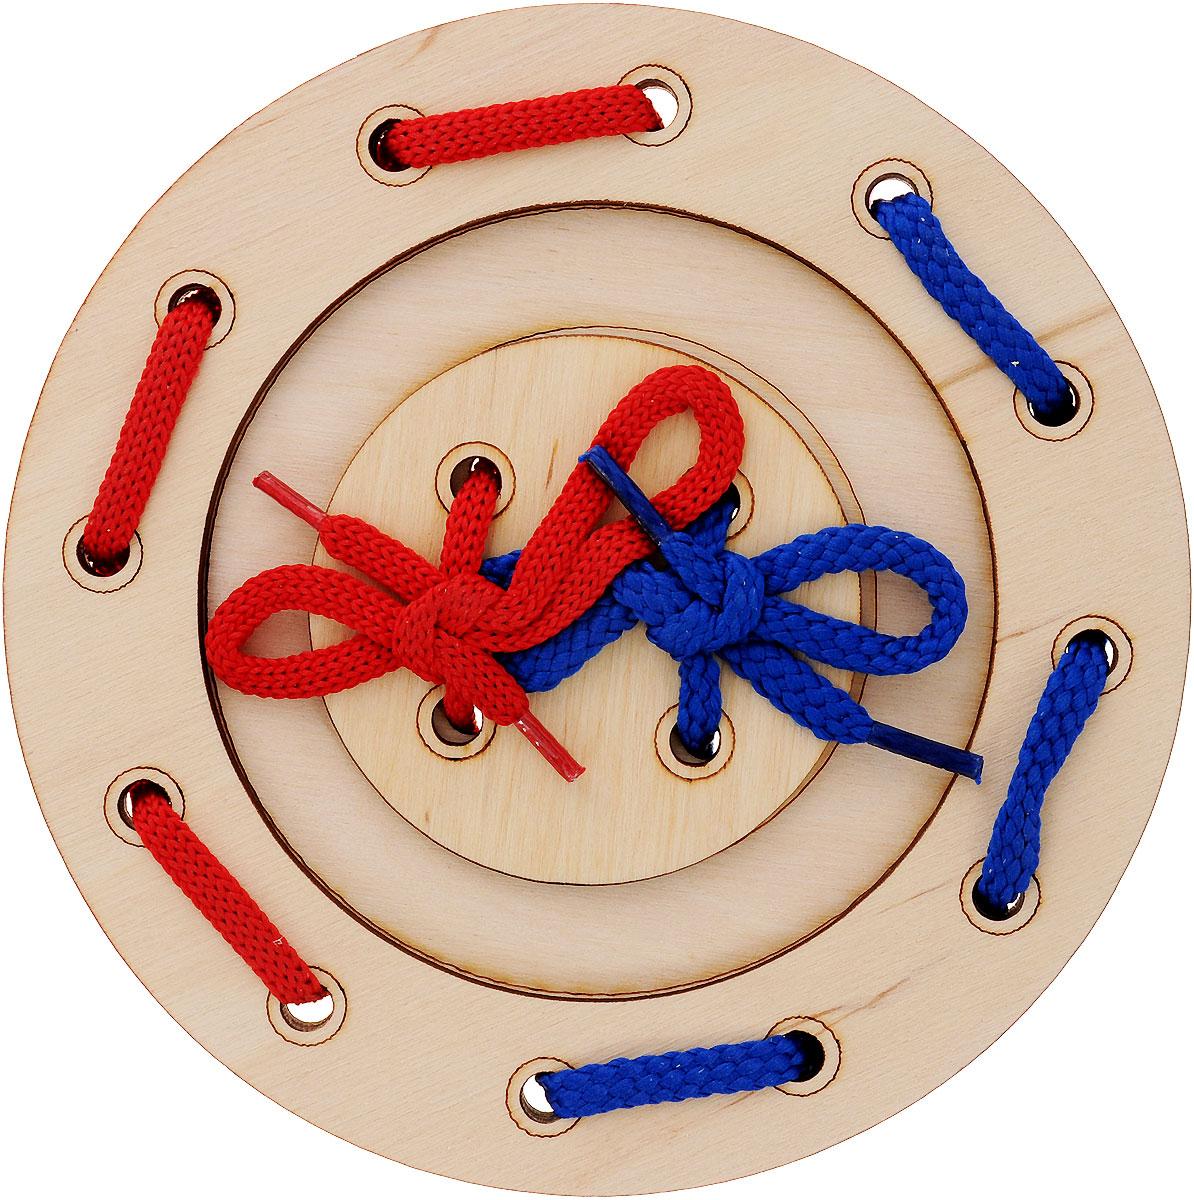 Мастер Вуд Игра-шнуровка Пуговичка цвет синий красныйДШ-1_синий, красныйИгра-шнуровка Пуговичка - яркая и несложная игрушка, которая очень понравится вашему малышу. Она выполнена из дерева лиственных пород в виде пуговки, состоящей из трех элементов. Задача малыша - продеть два шнурка разных цветов в отверстия основы, собрав пуговку. Игрушка-шнуровка развивает воображение, пространственное мышление, координацию движений, ловкость, положительно влияет на эмоциональное состояние ребенка и его настроение.